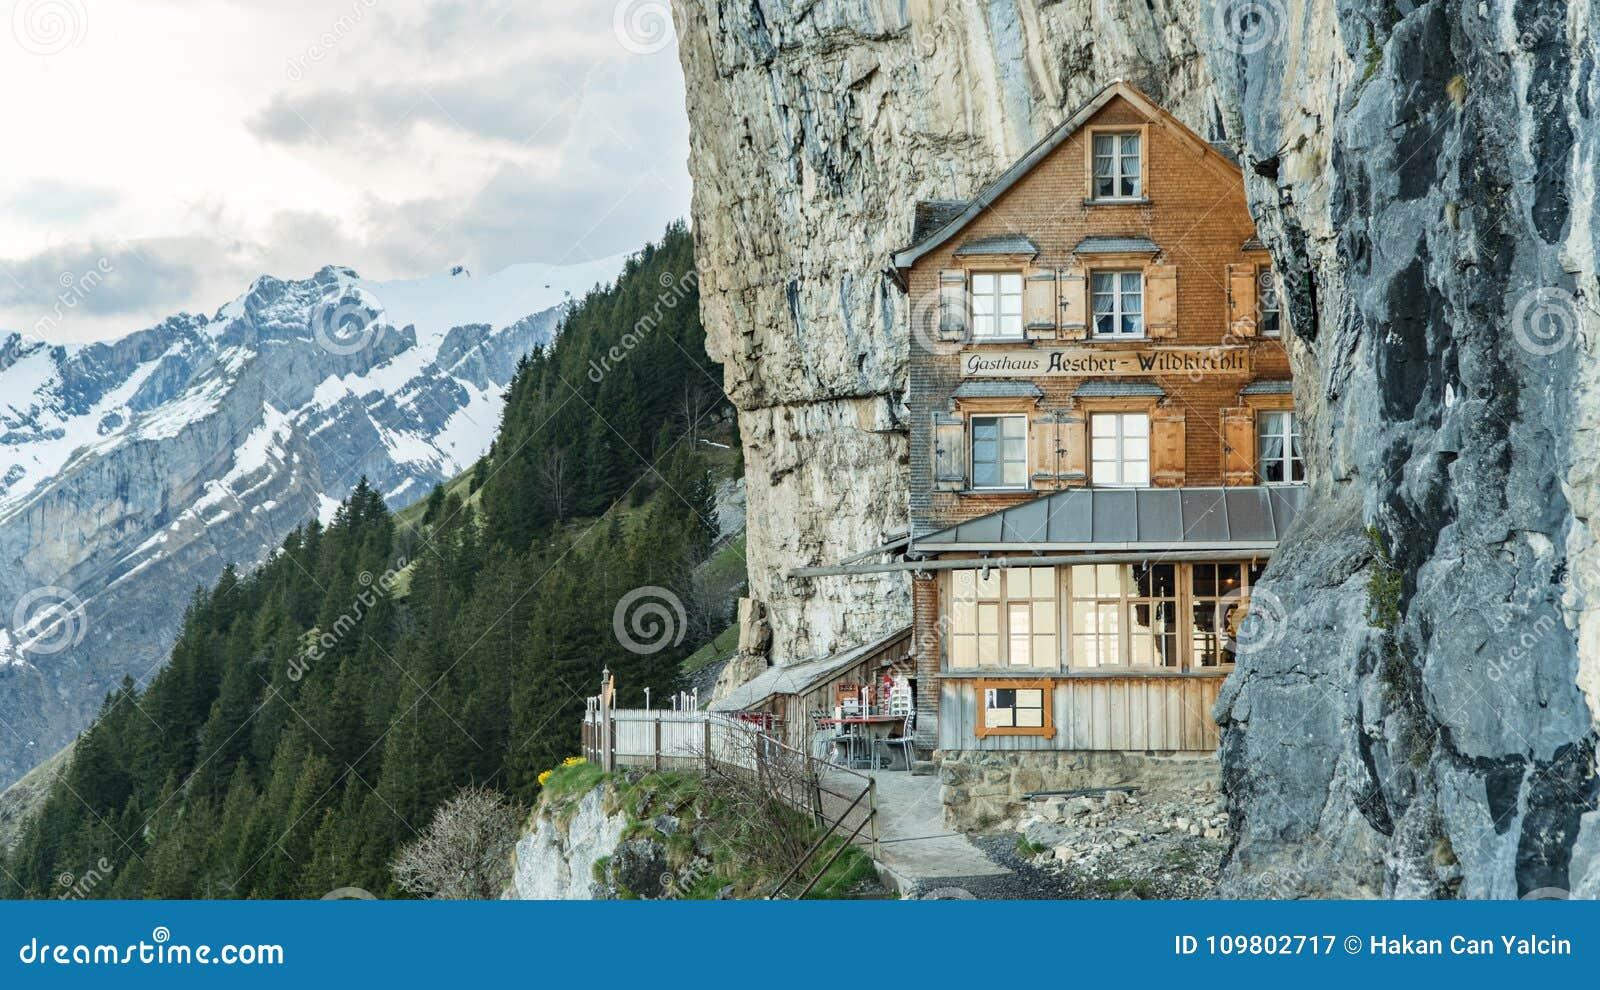 Ebenalp avec sa falaise et auberge célèbres Aescher de Gasthaus